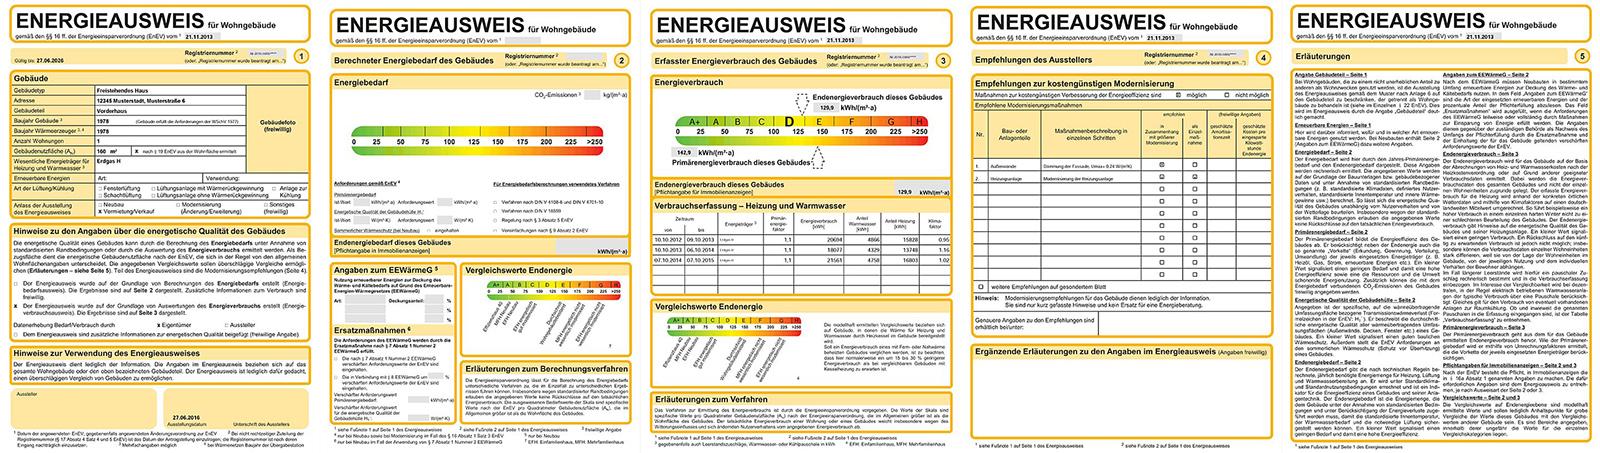 Pflicht seit 2012: Energieausweis